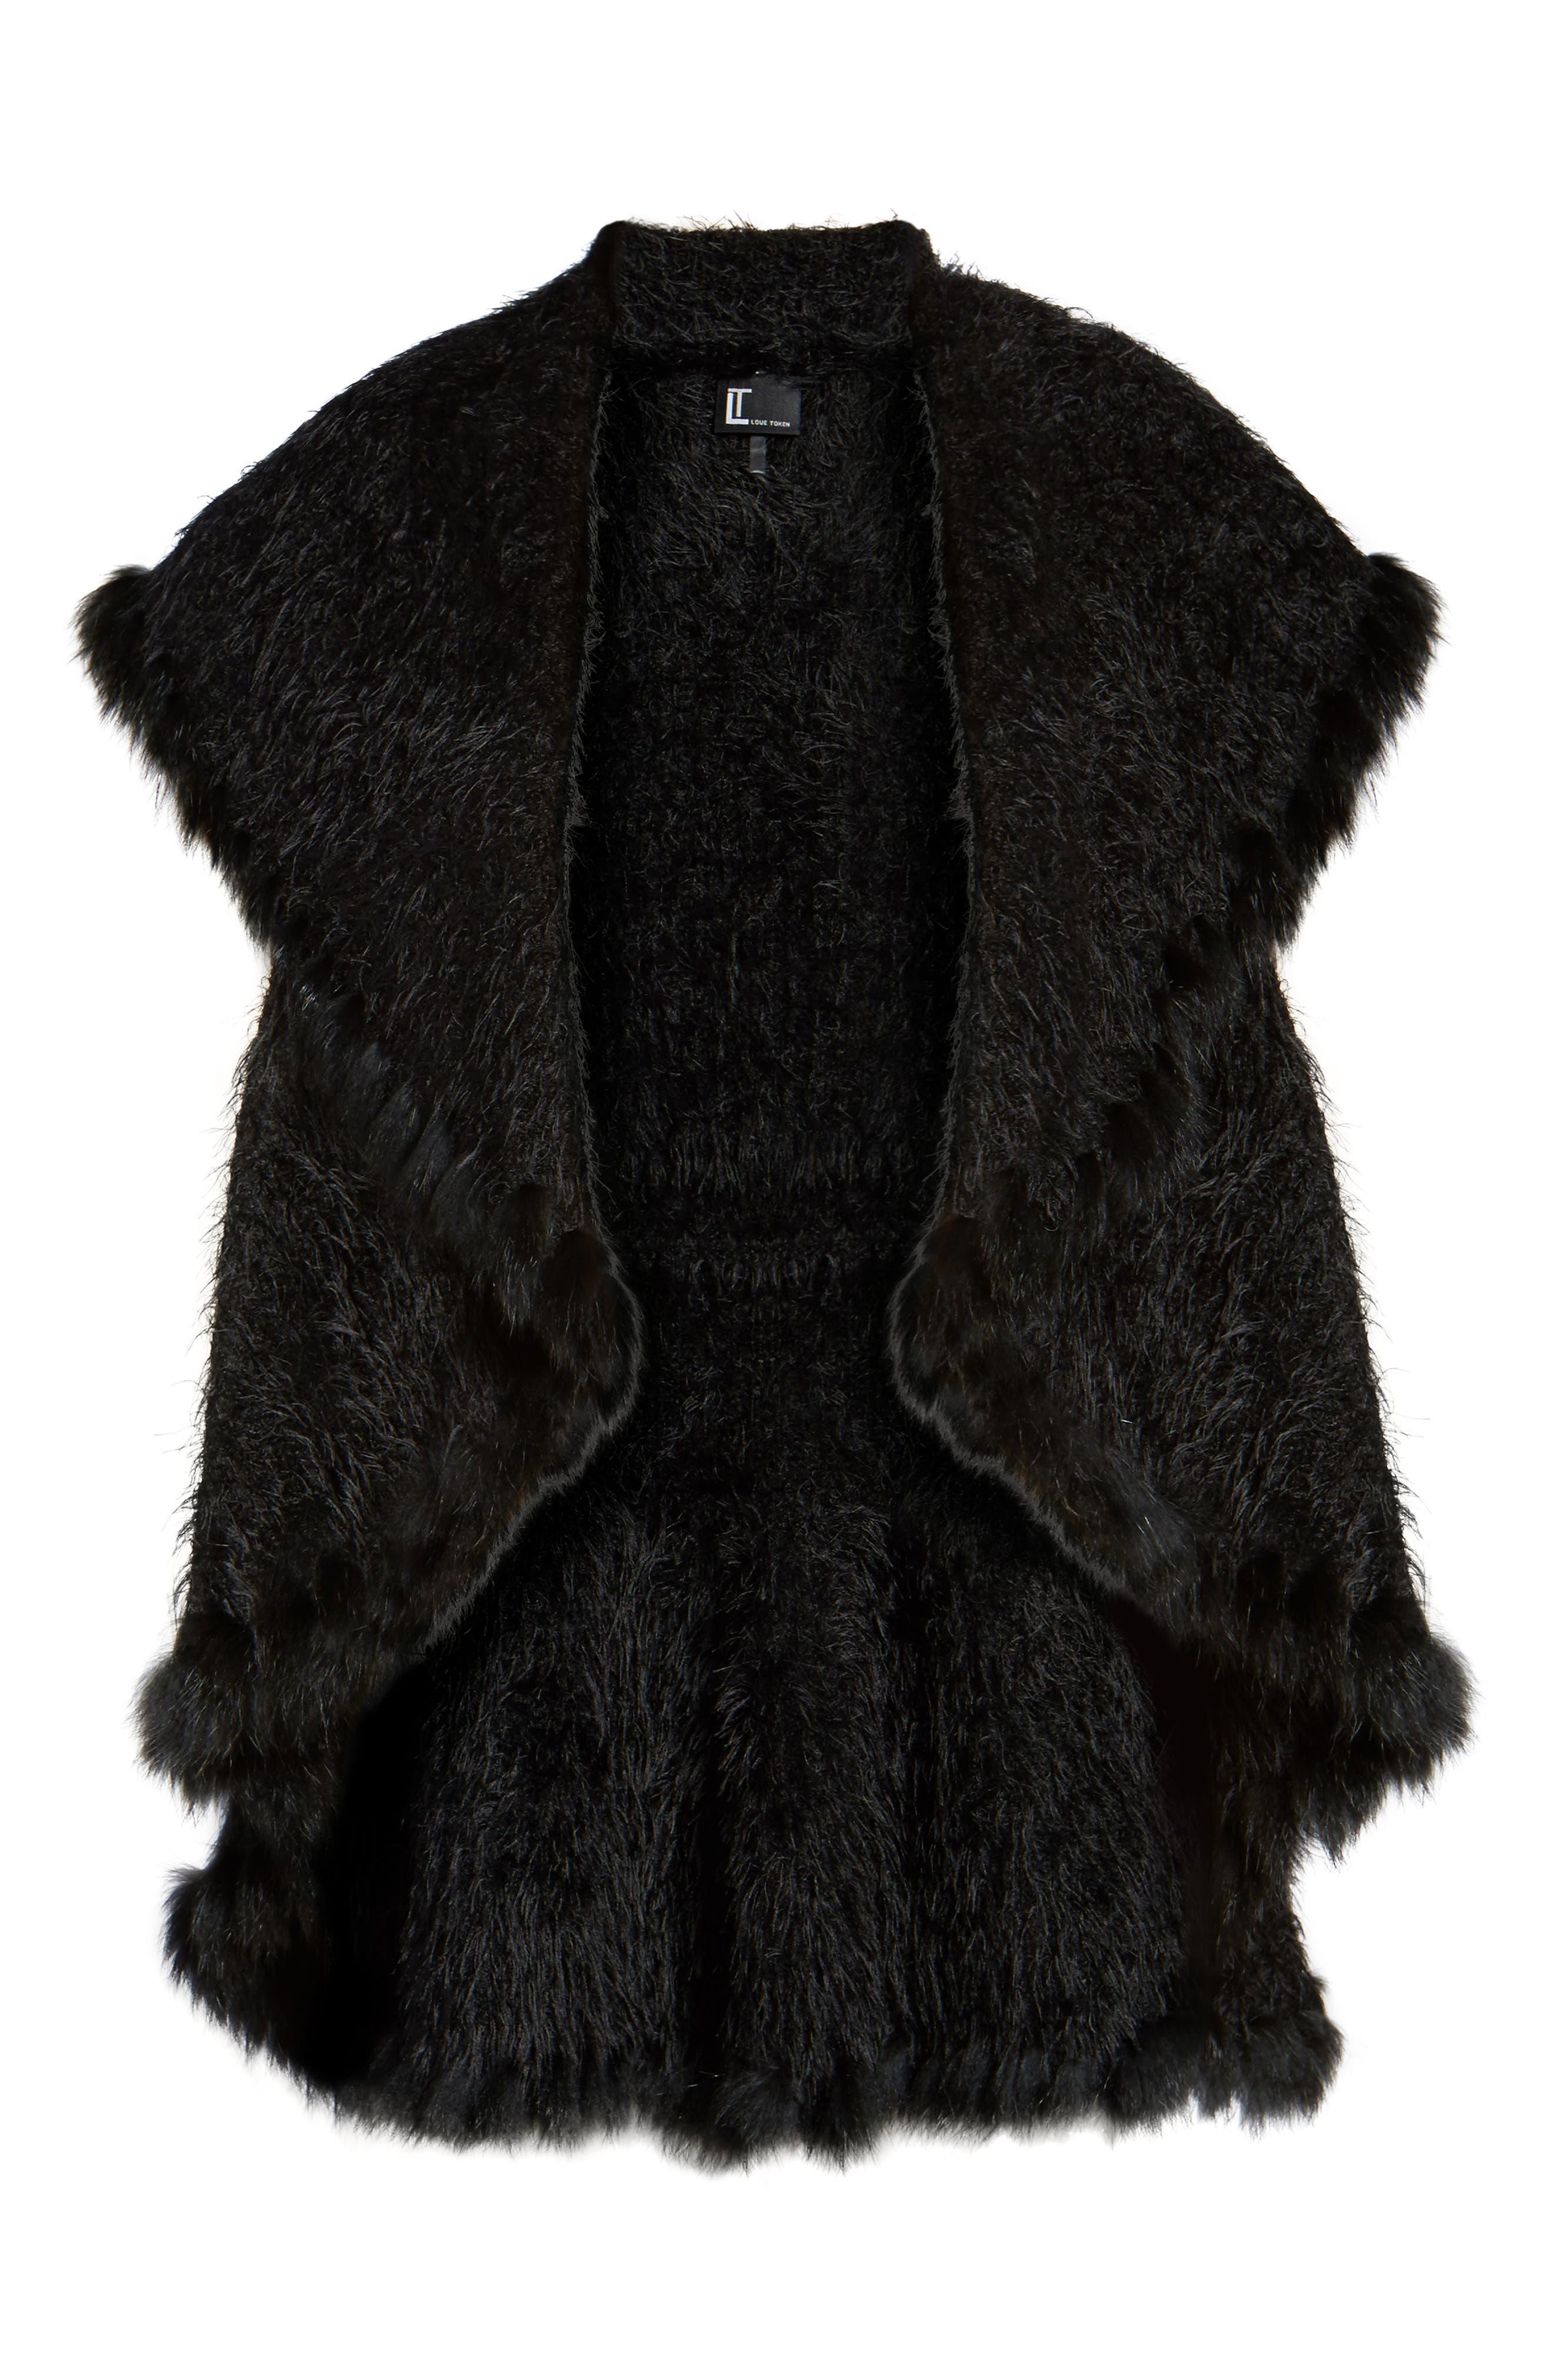 Knit Vest with Genuine Rabbit Fur Trim,                             Alternate thumbnail 13, color,